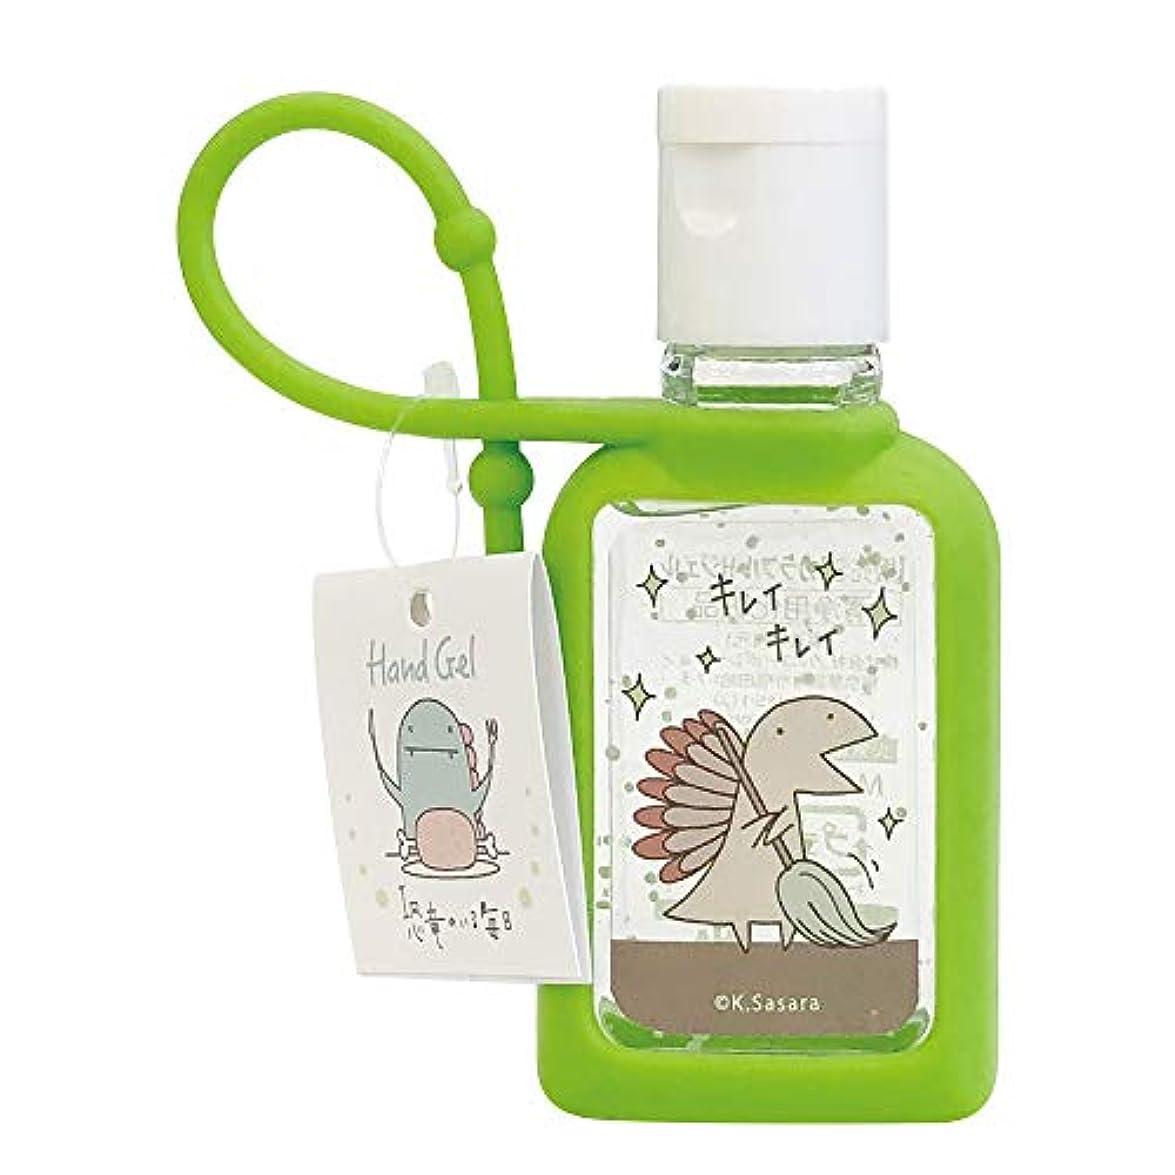 恐竜のいる毎日 ハンドジェル 携帯用 無香料 30ml ABD-056-001